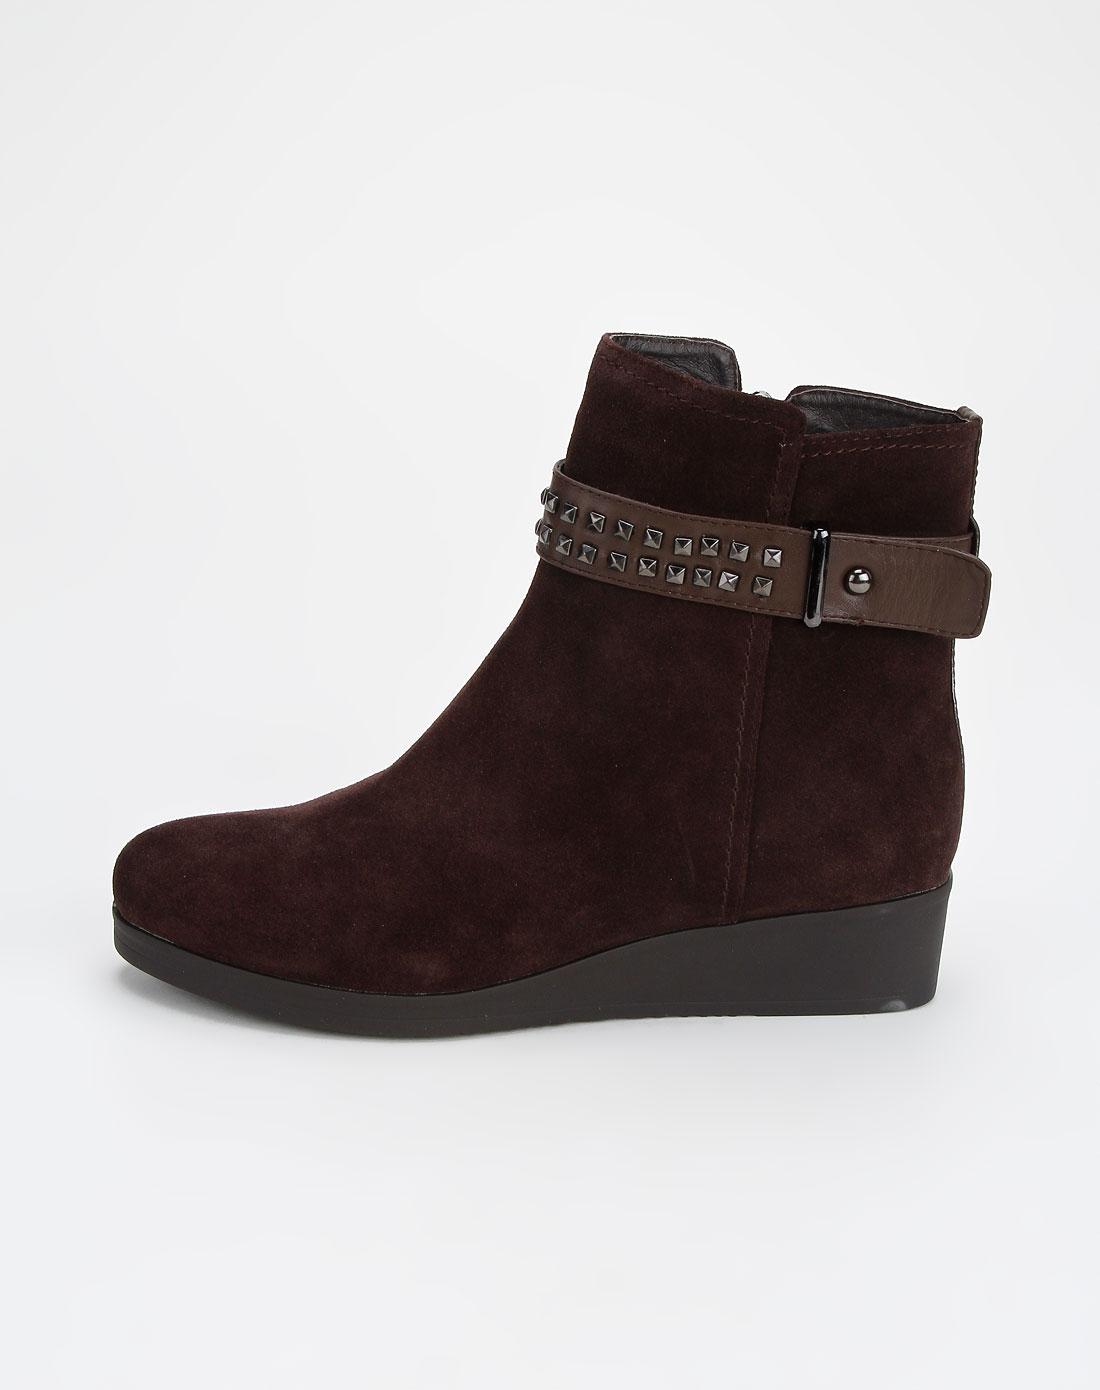 啡色时尚休闲短靴